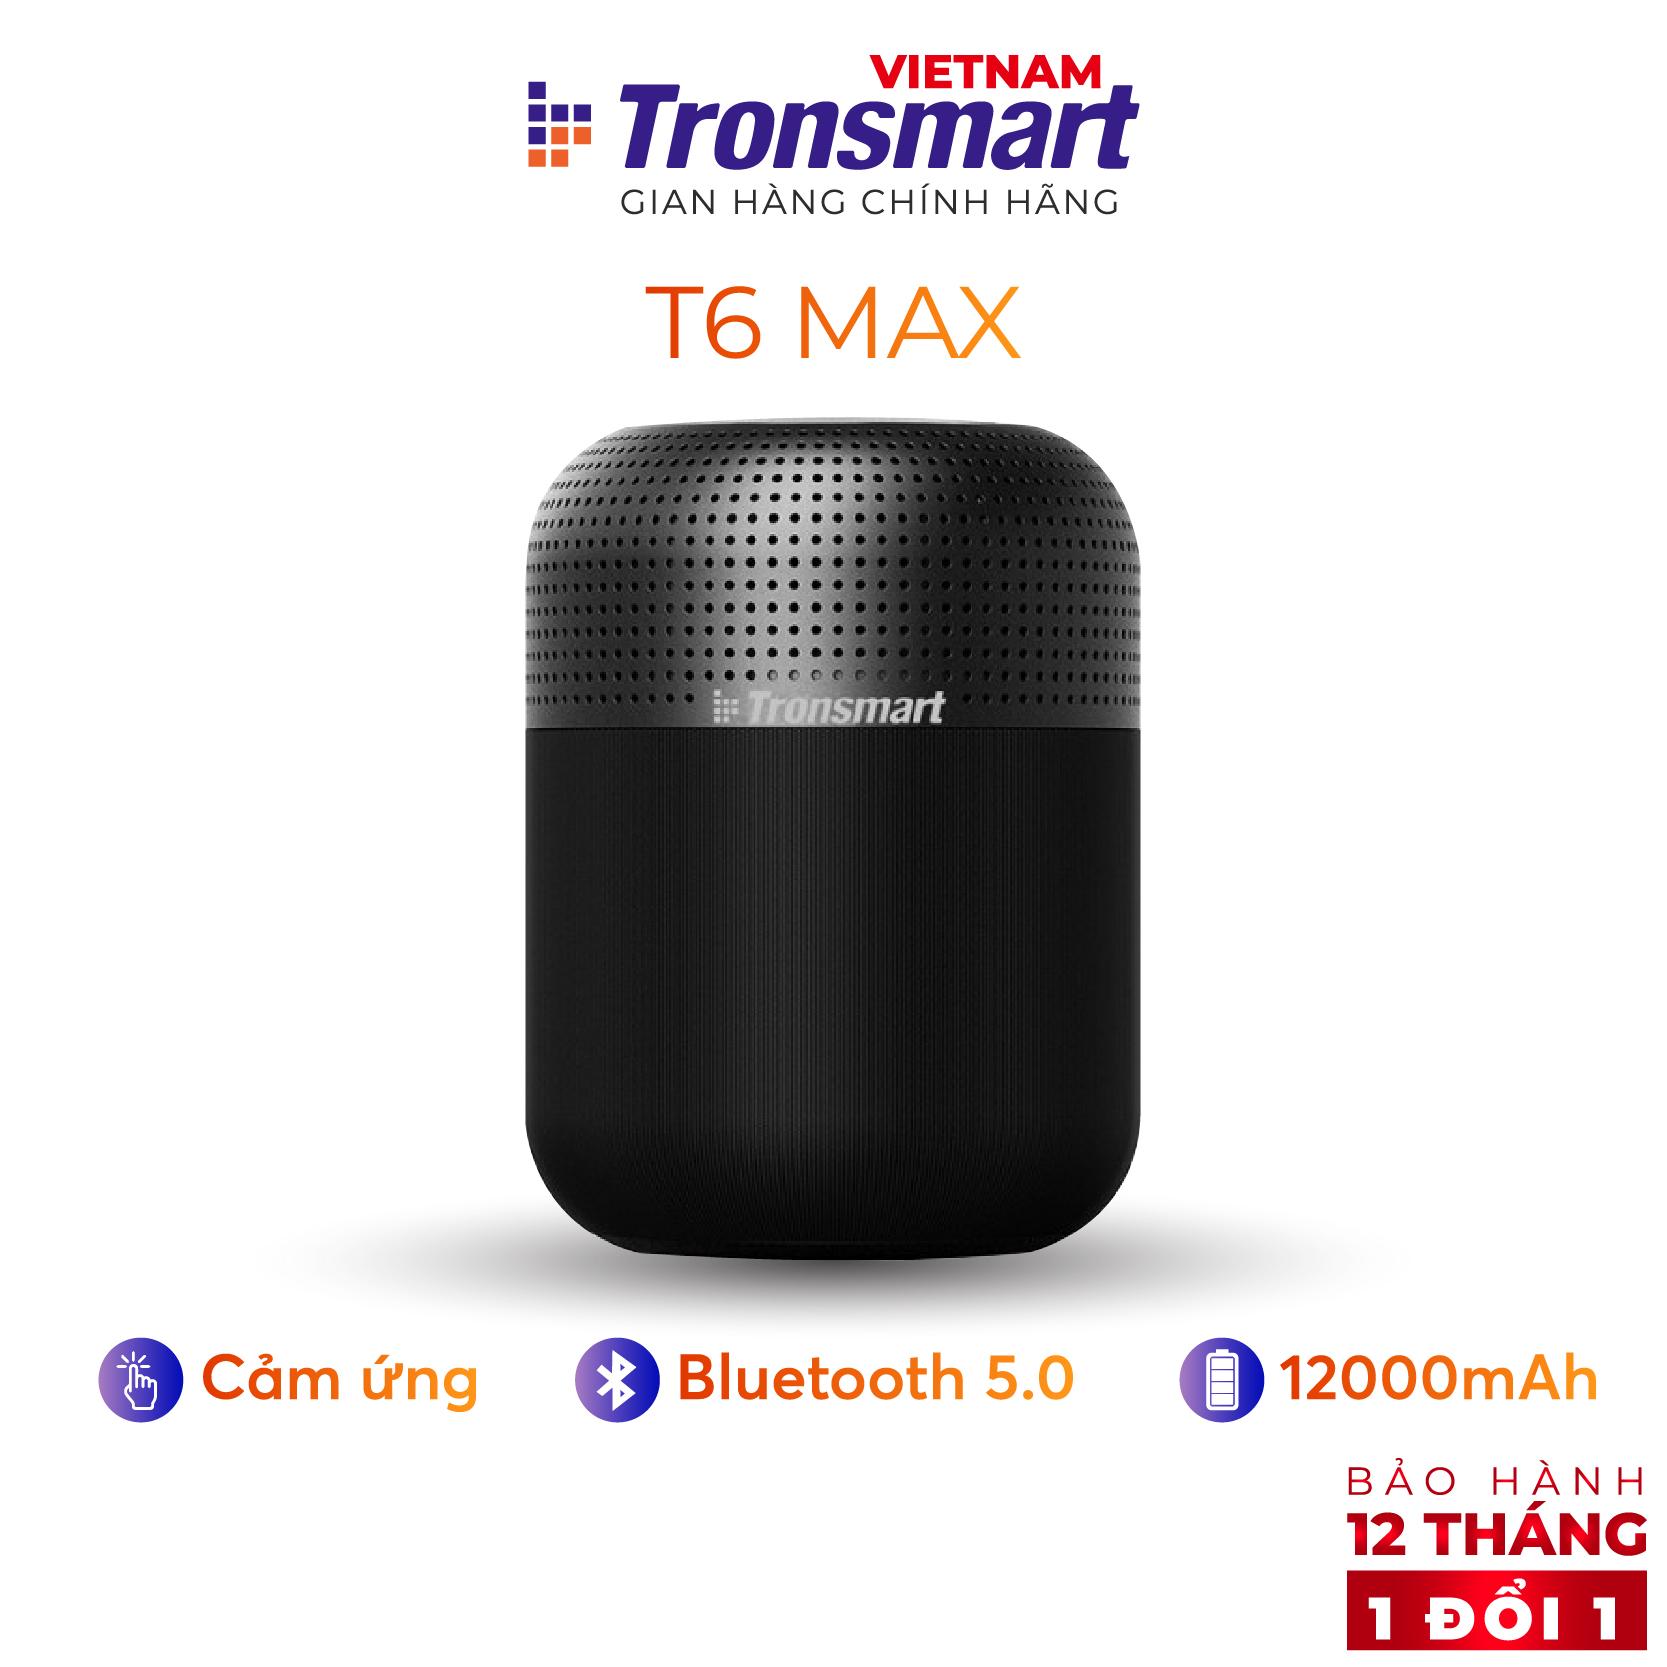 [VOUCHER 7% tối đa 500K] Loa Bluetooth 5.0 Tronsmart Element T6 Max Công suất 60W Ghép đôi 2 loa - Hàng chính hãng - Bảo hành 12 tháng 1 đổi 1